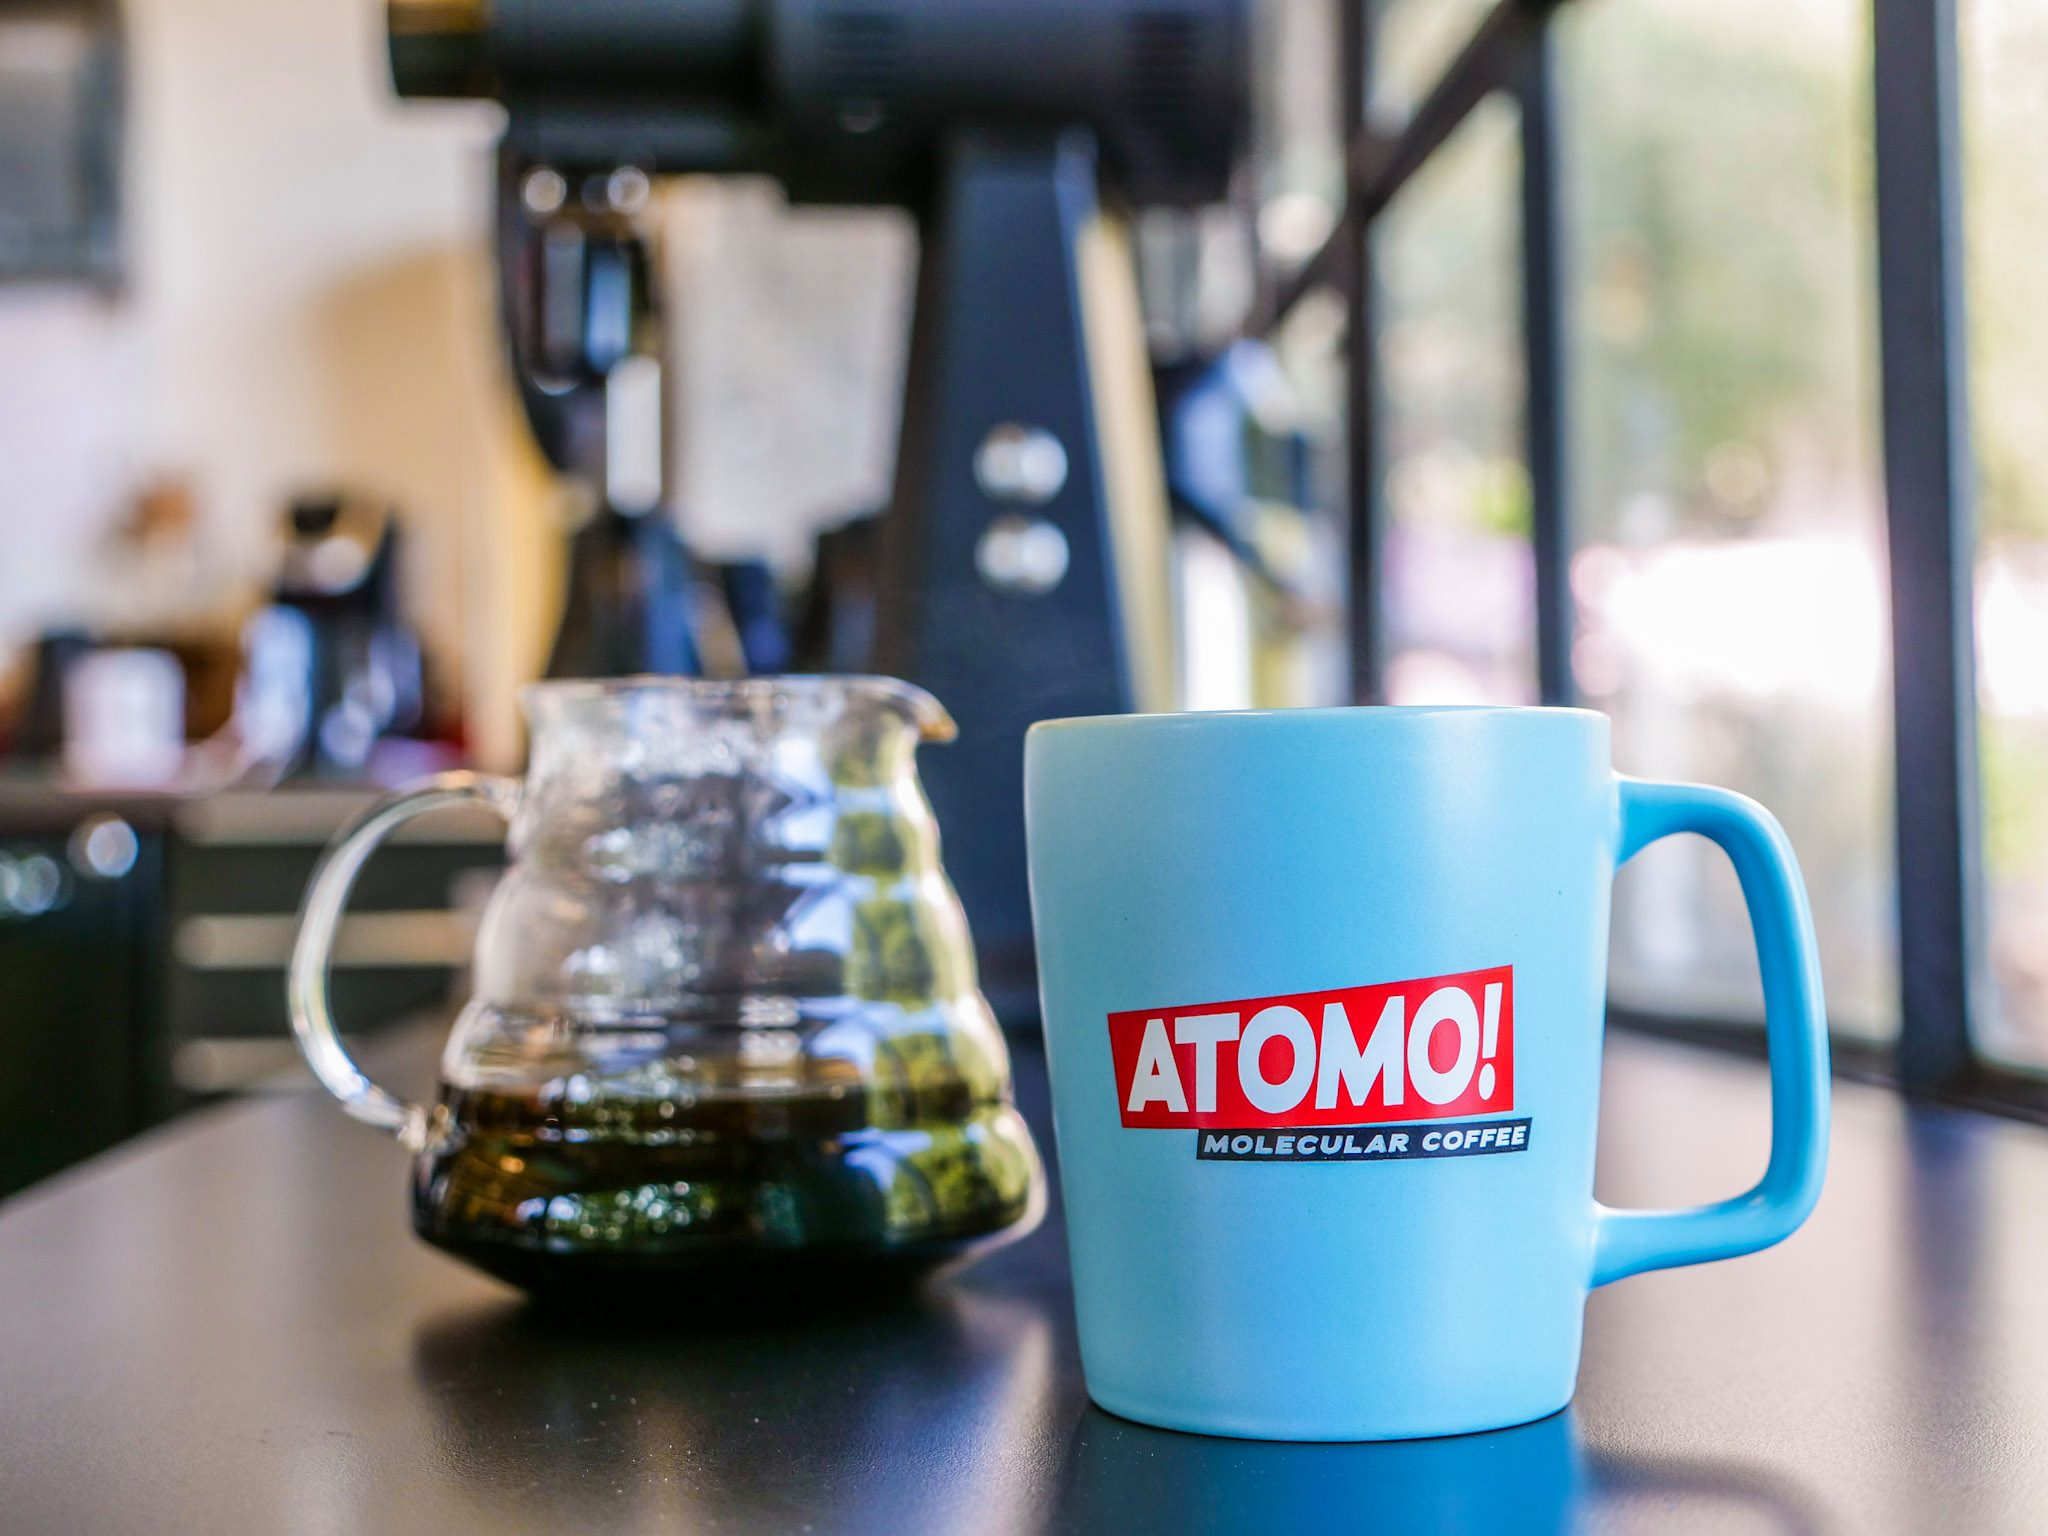 Atomo Molecular Coffee